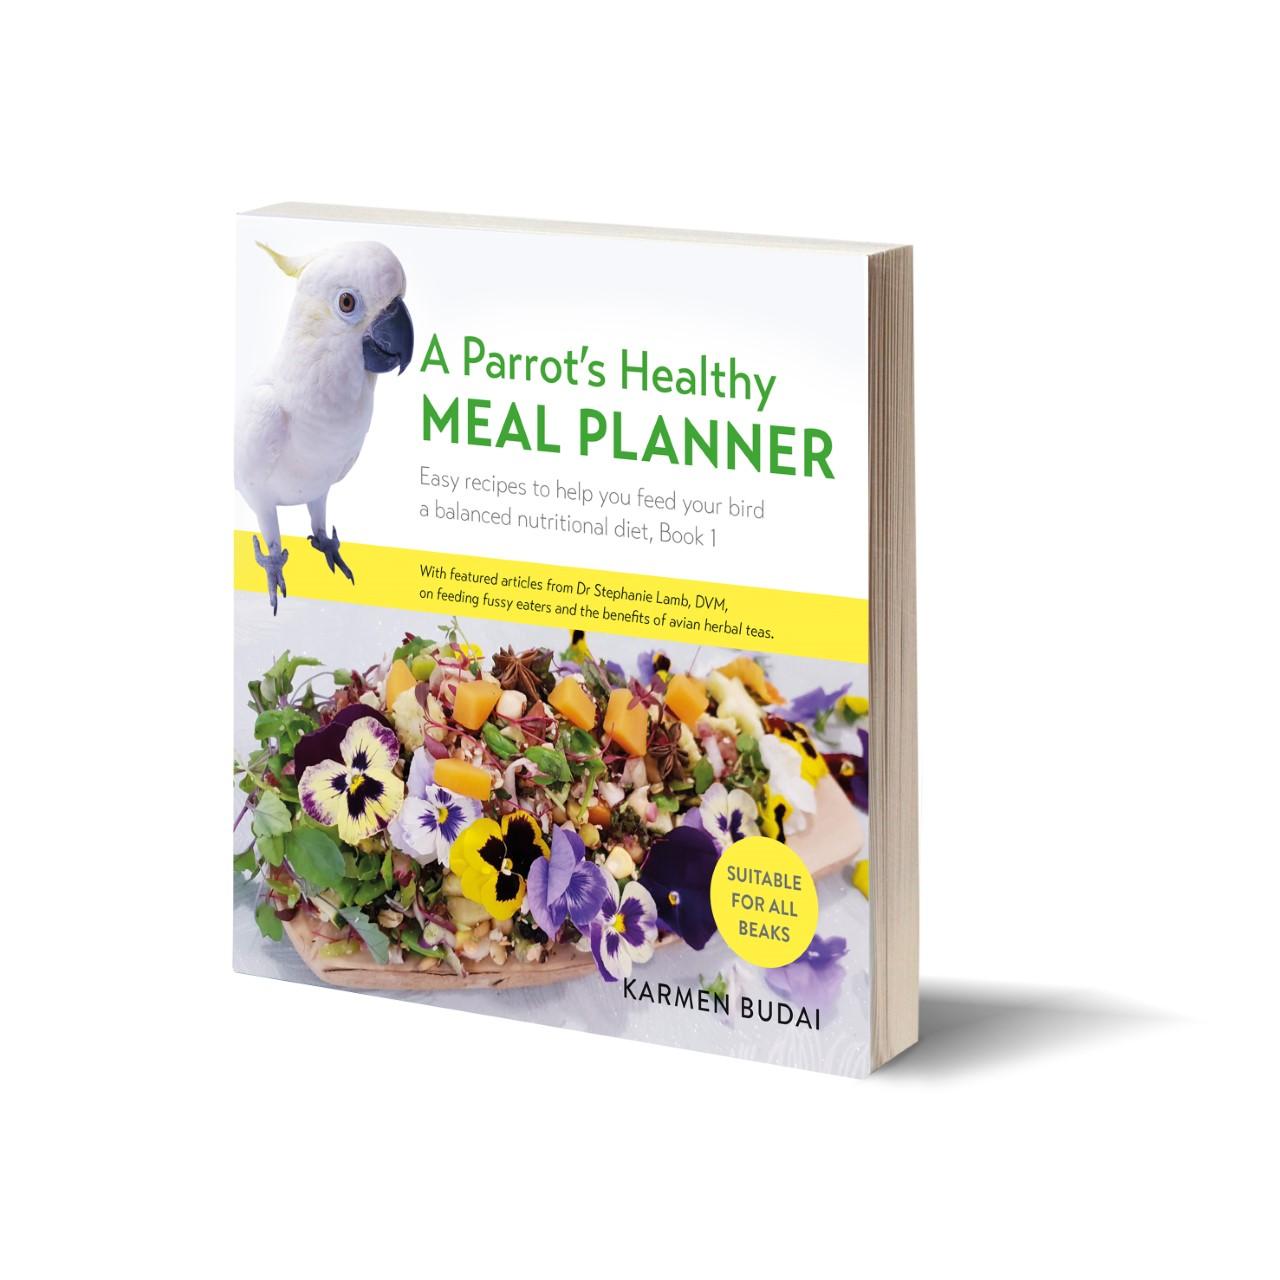 parrot-meal-planner-3d.jpg